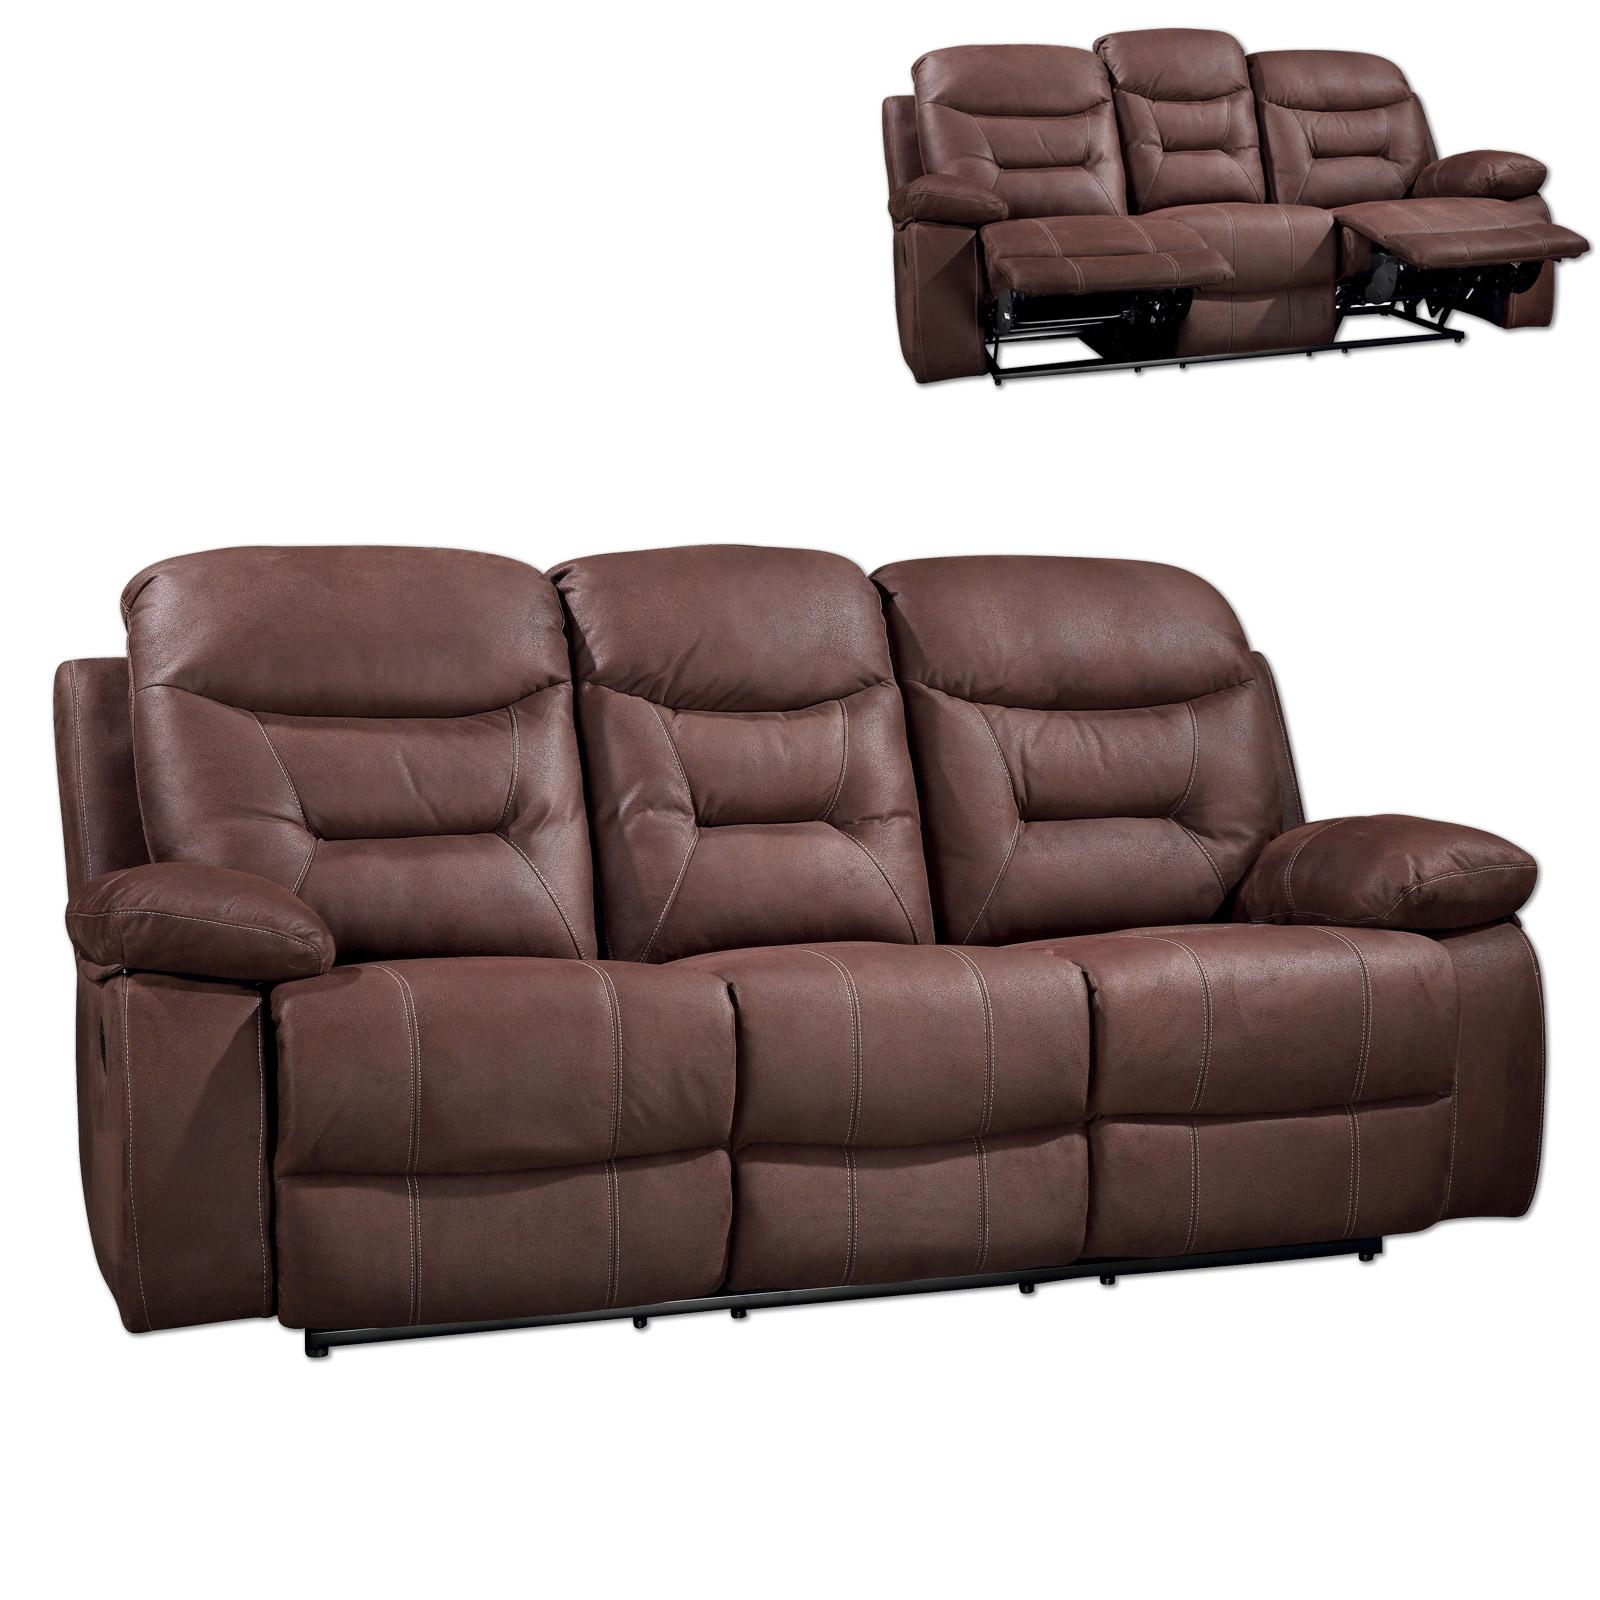 Full Size of 3 Sitzer Sofa Ikea Mit Bettfunktion Ektorp Couch Und 2 Sessel Bei Roller Leder Dunkelbraun Relaxfunktion Online Kaufen Brühl Rundes Big Grau Ecksofa Garten Sofa 3 Sitzer Sofa